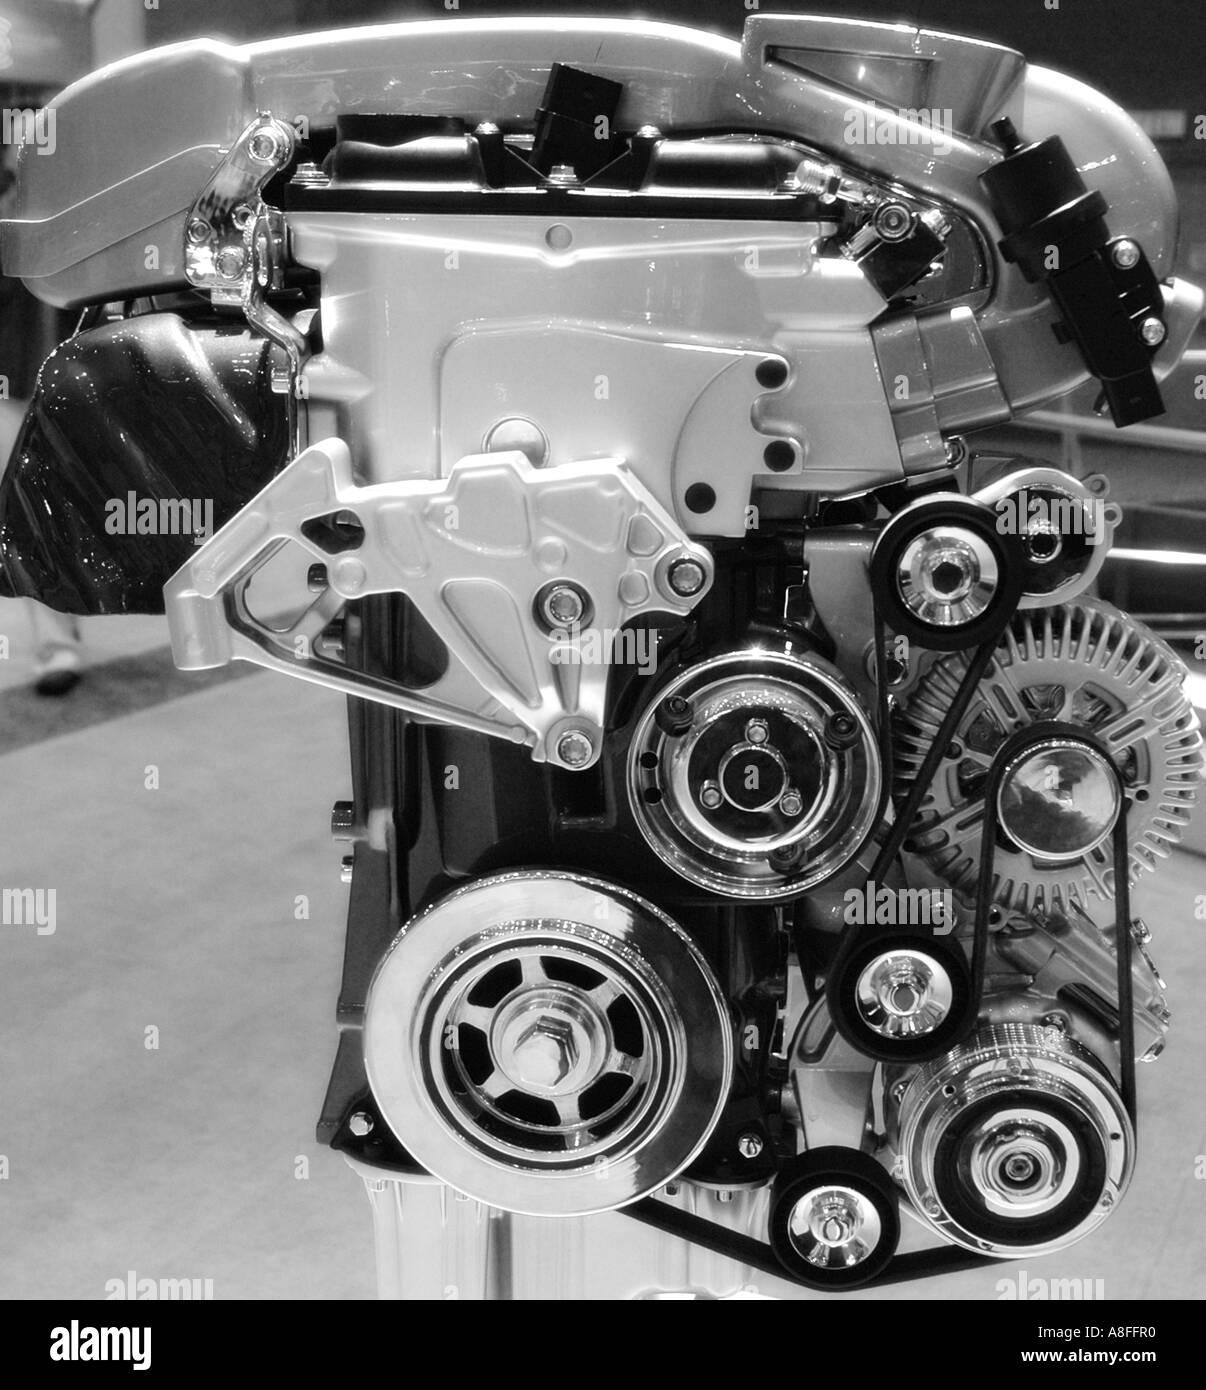 V6 Engine Stockfotos & V6 Engine Bilder - Seite 3 - Alamy